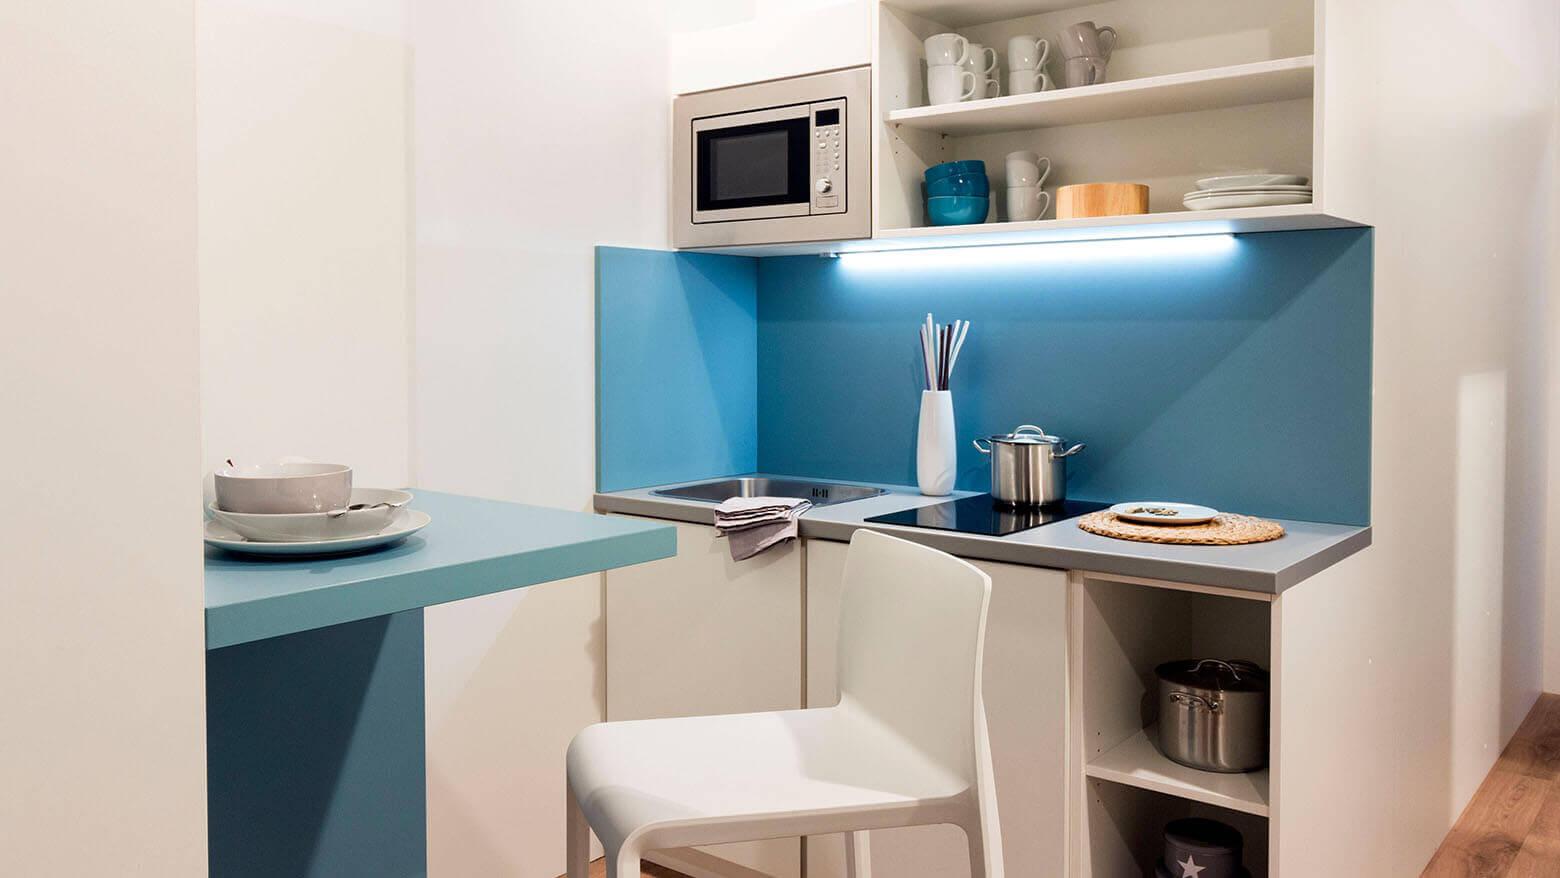 Beautiful Küche Scharniere Einstellen Ideas - Einrichtungs ...